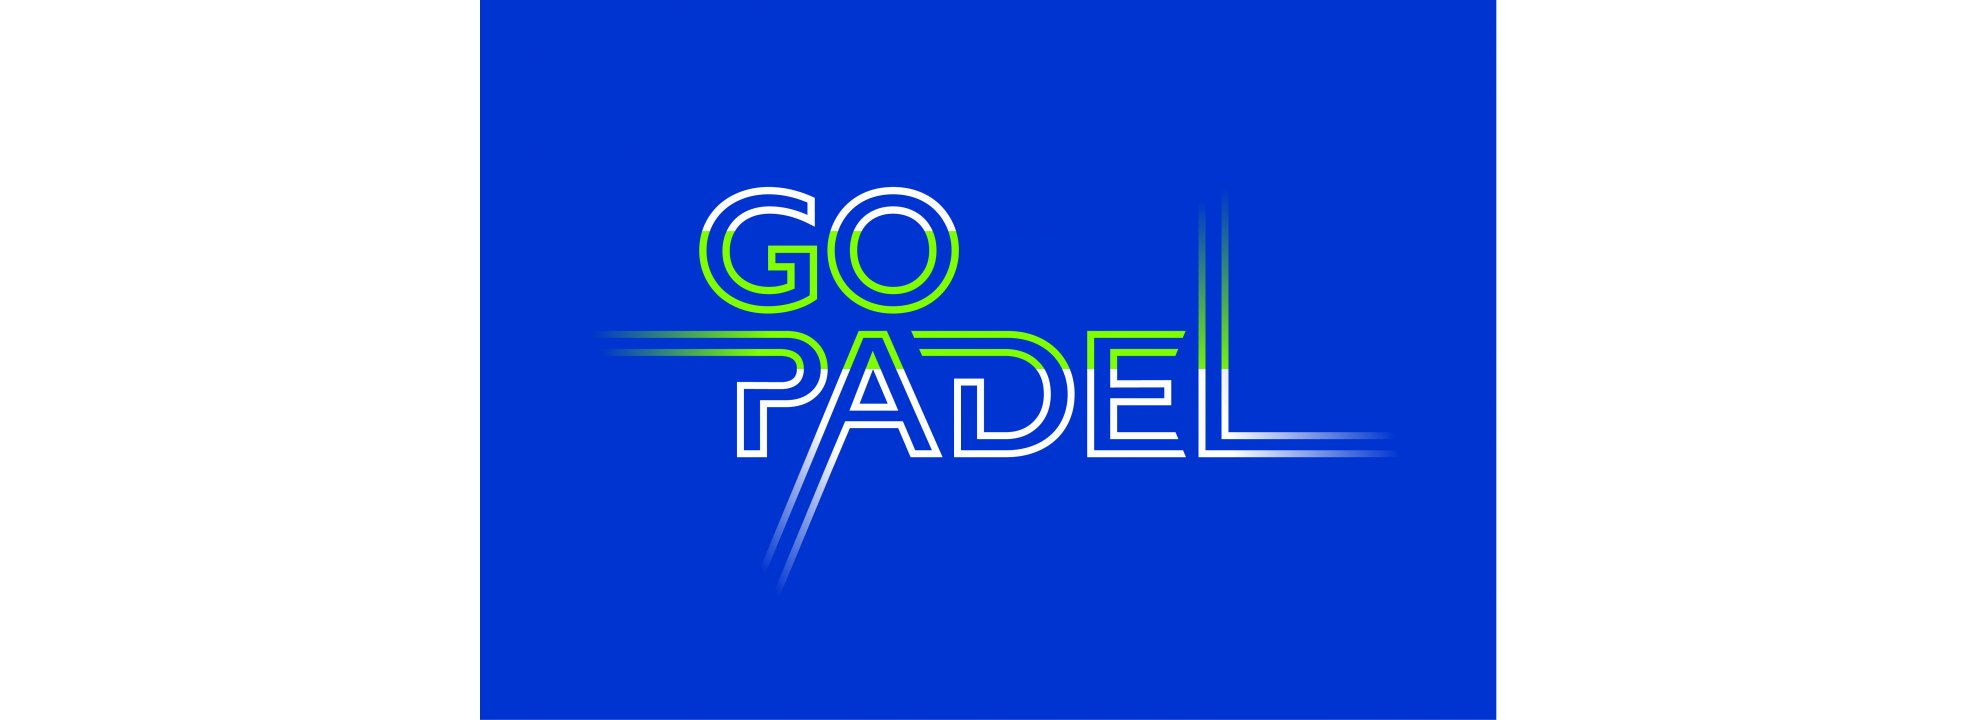 Padel Tennis Banner